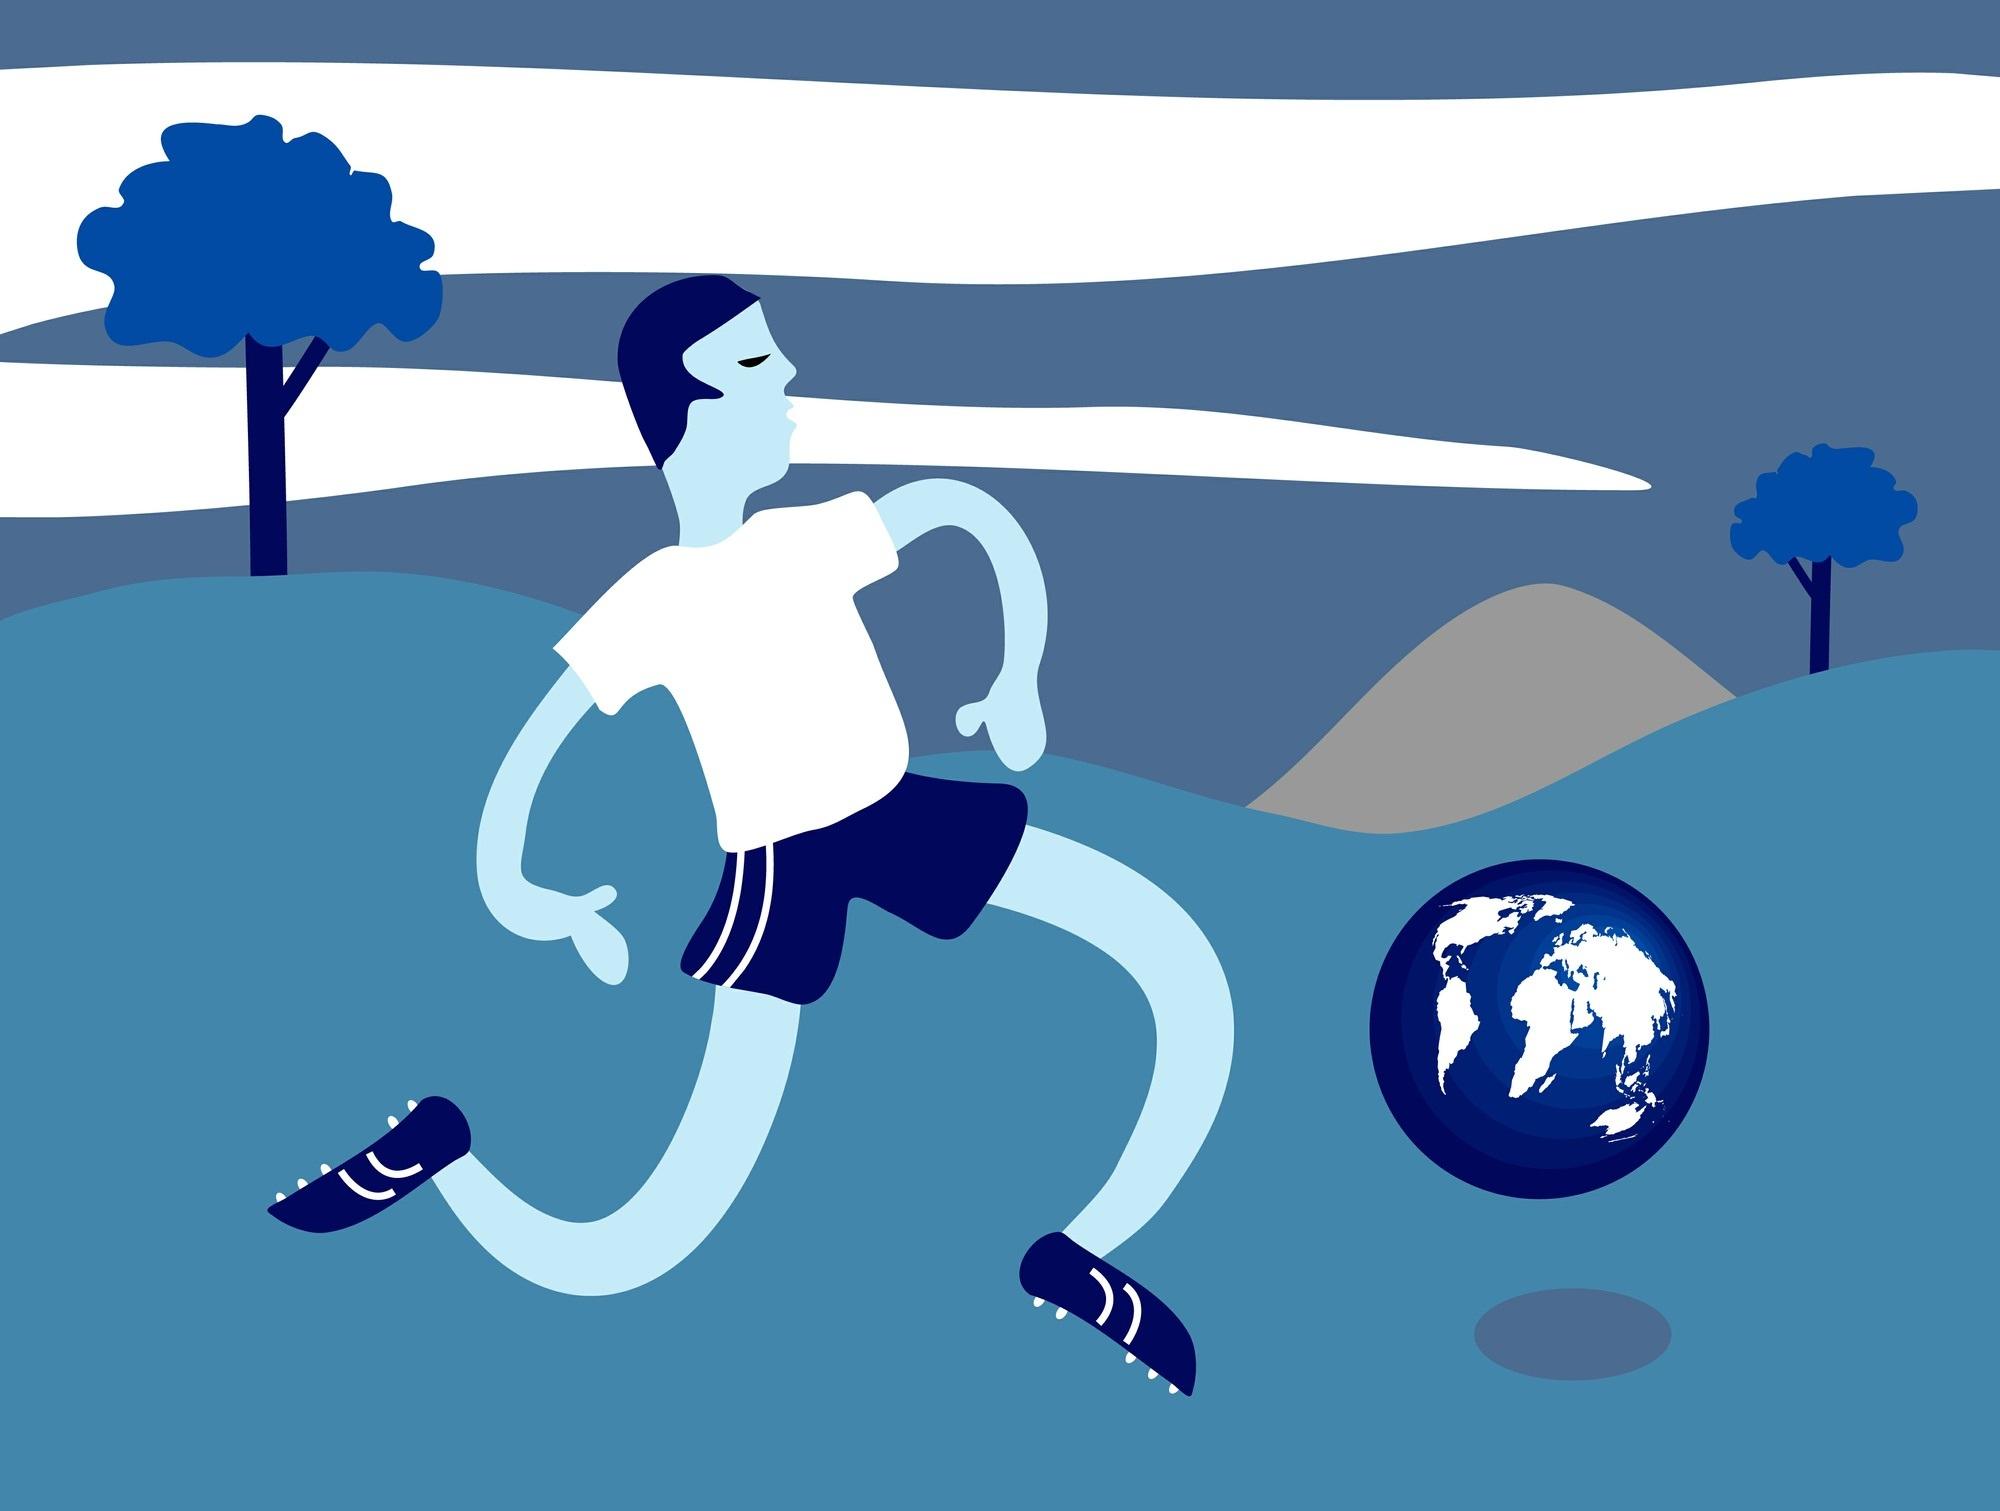 человек, Футбол, Земля, воздушный шар, игра - Обои HD - Профессор falken.com